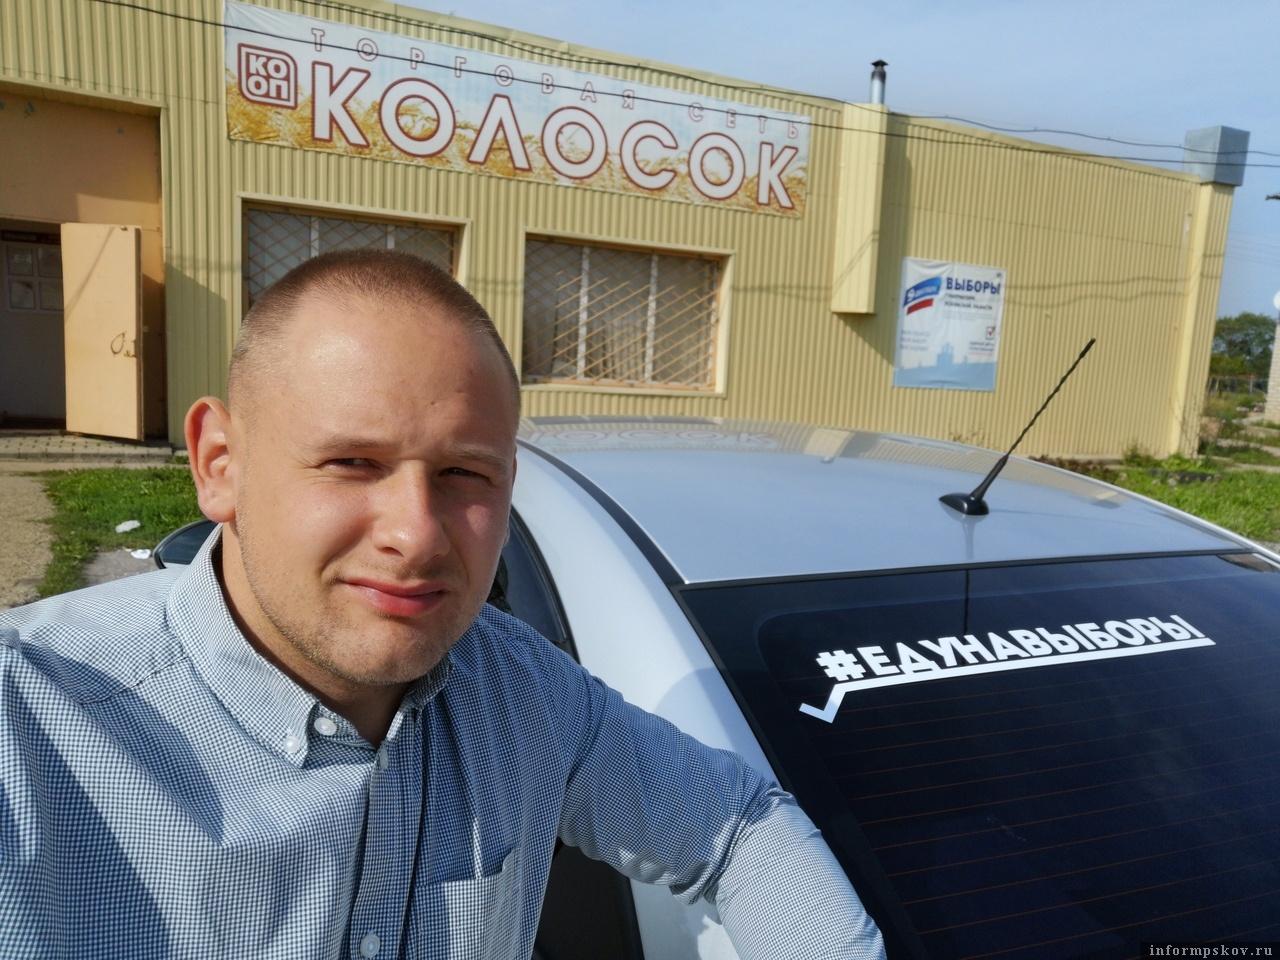 Владимир Килюшев. Фото из социальных сетей.